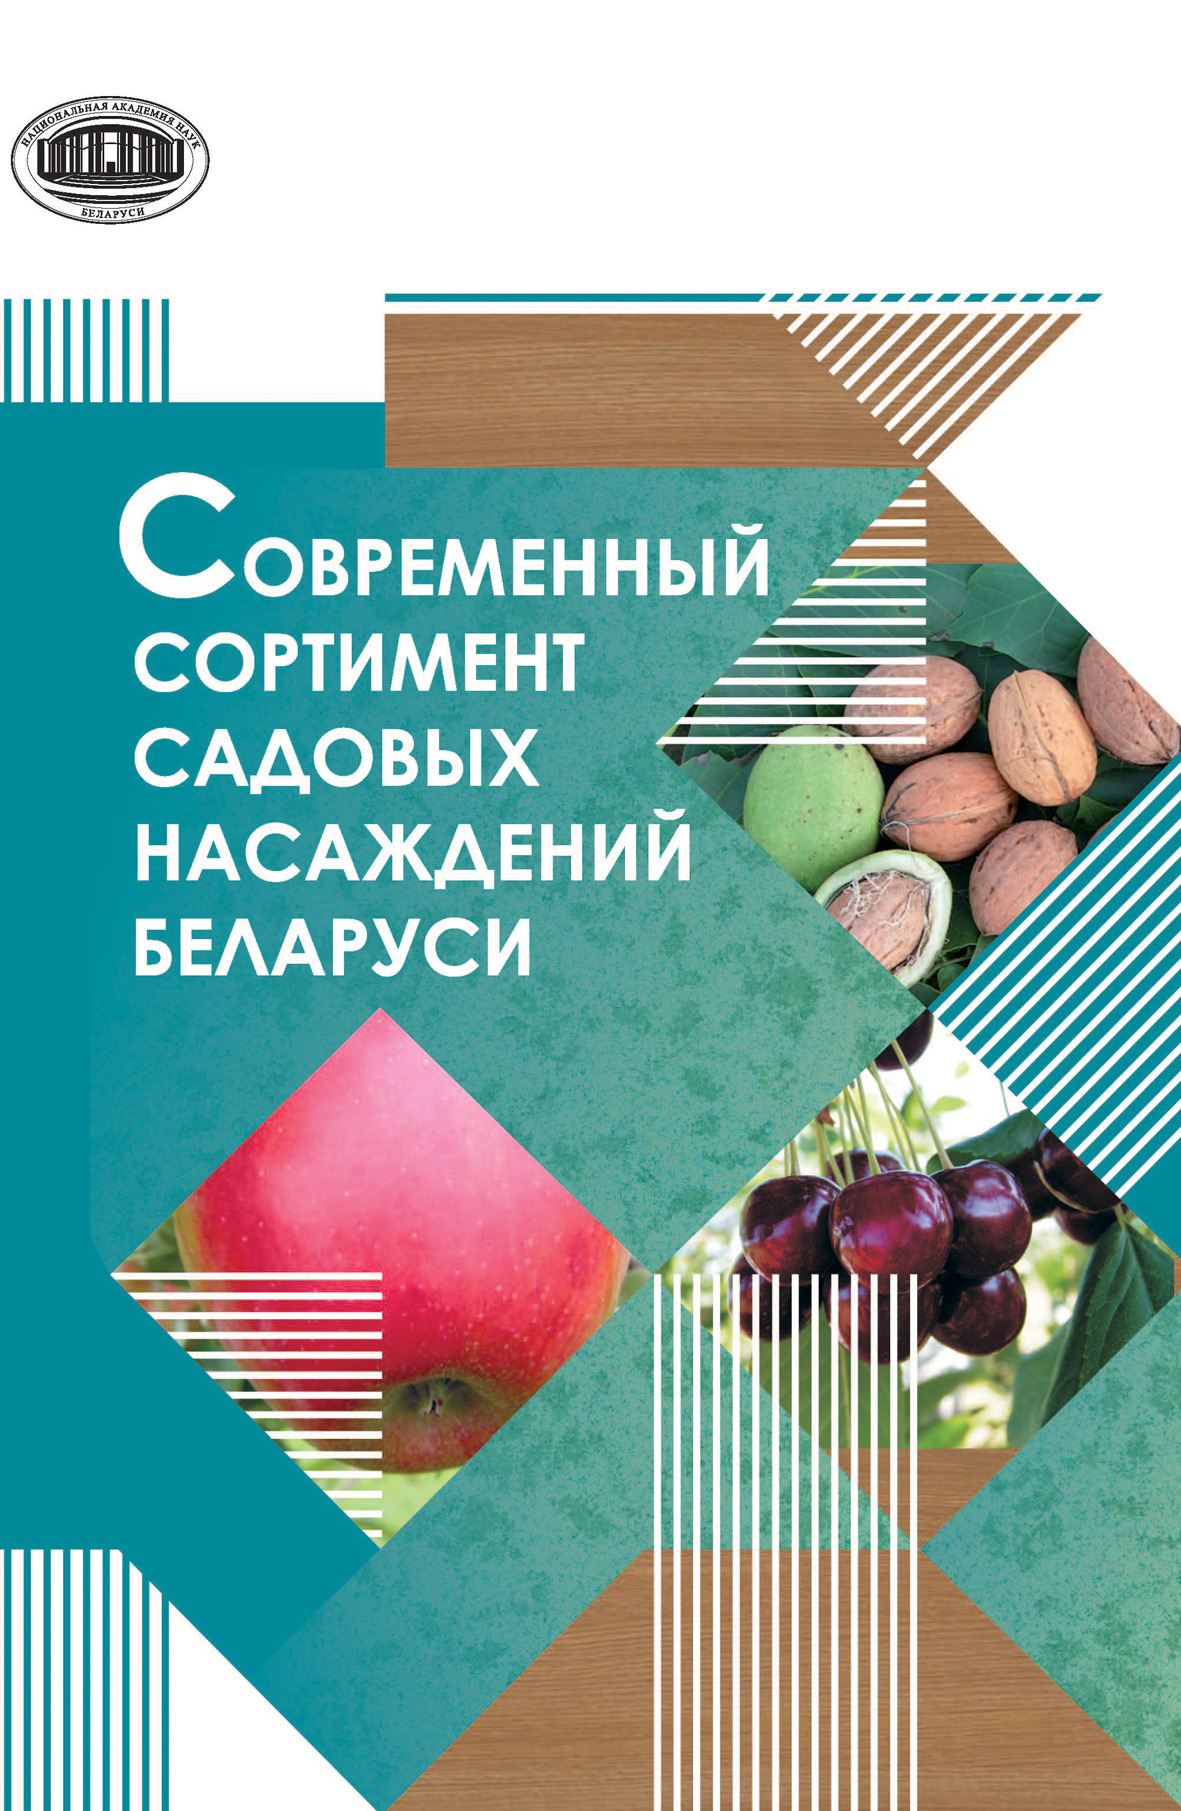 цена на Отсутствует Современный сортимент садовых насаждений Беларуси